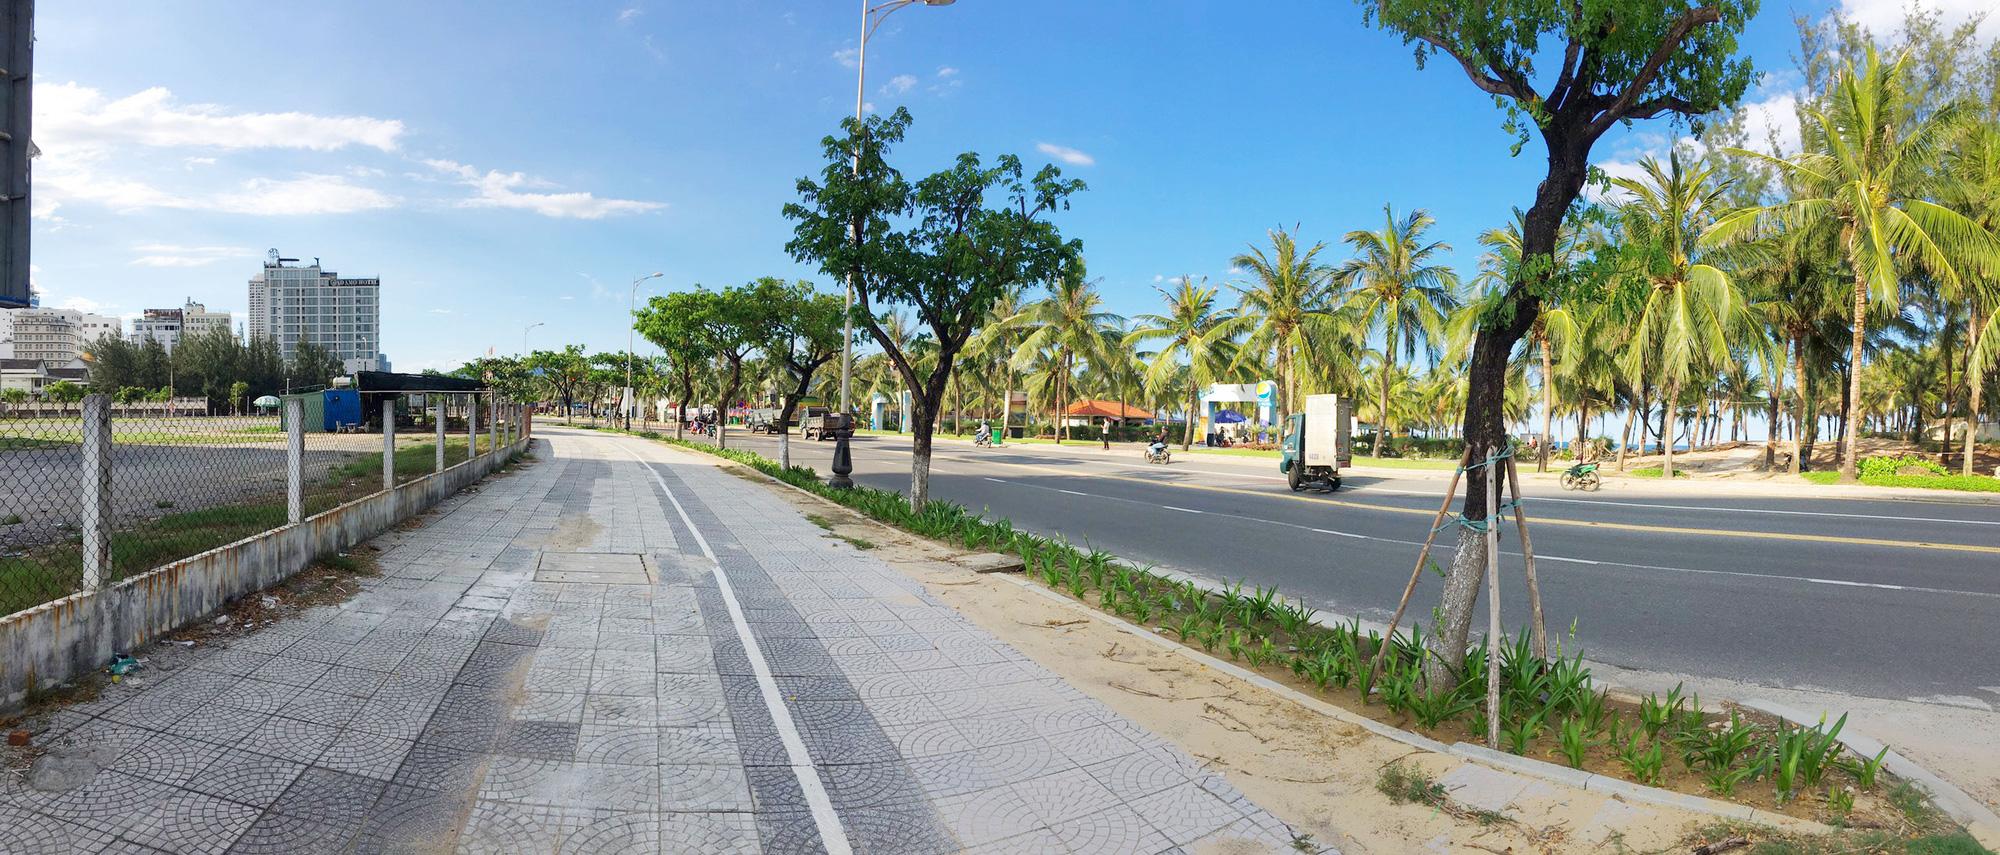 Cận cảnh hai khu đất sát bãi biển Mỹ Khê đẹp nhất Đà Nẵng sẽ đấu giá làm bãi đỗ xe - Ảnh 3.